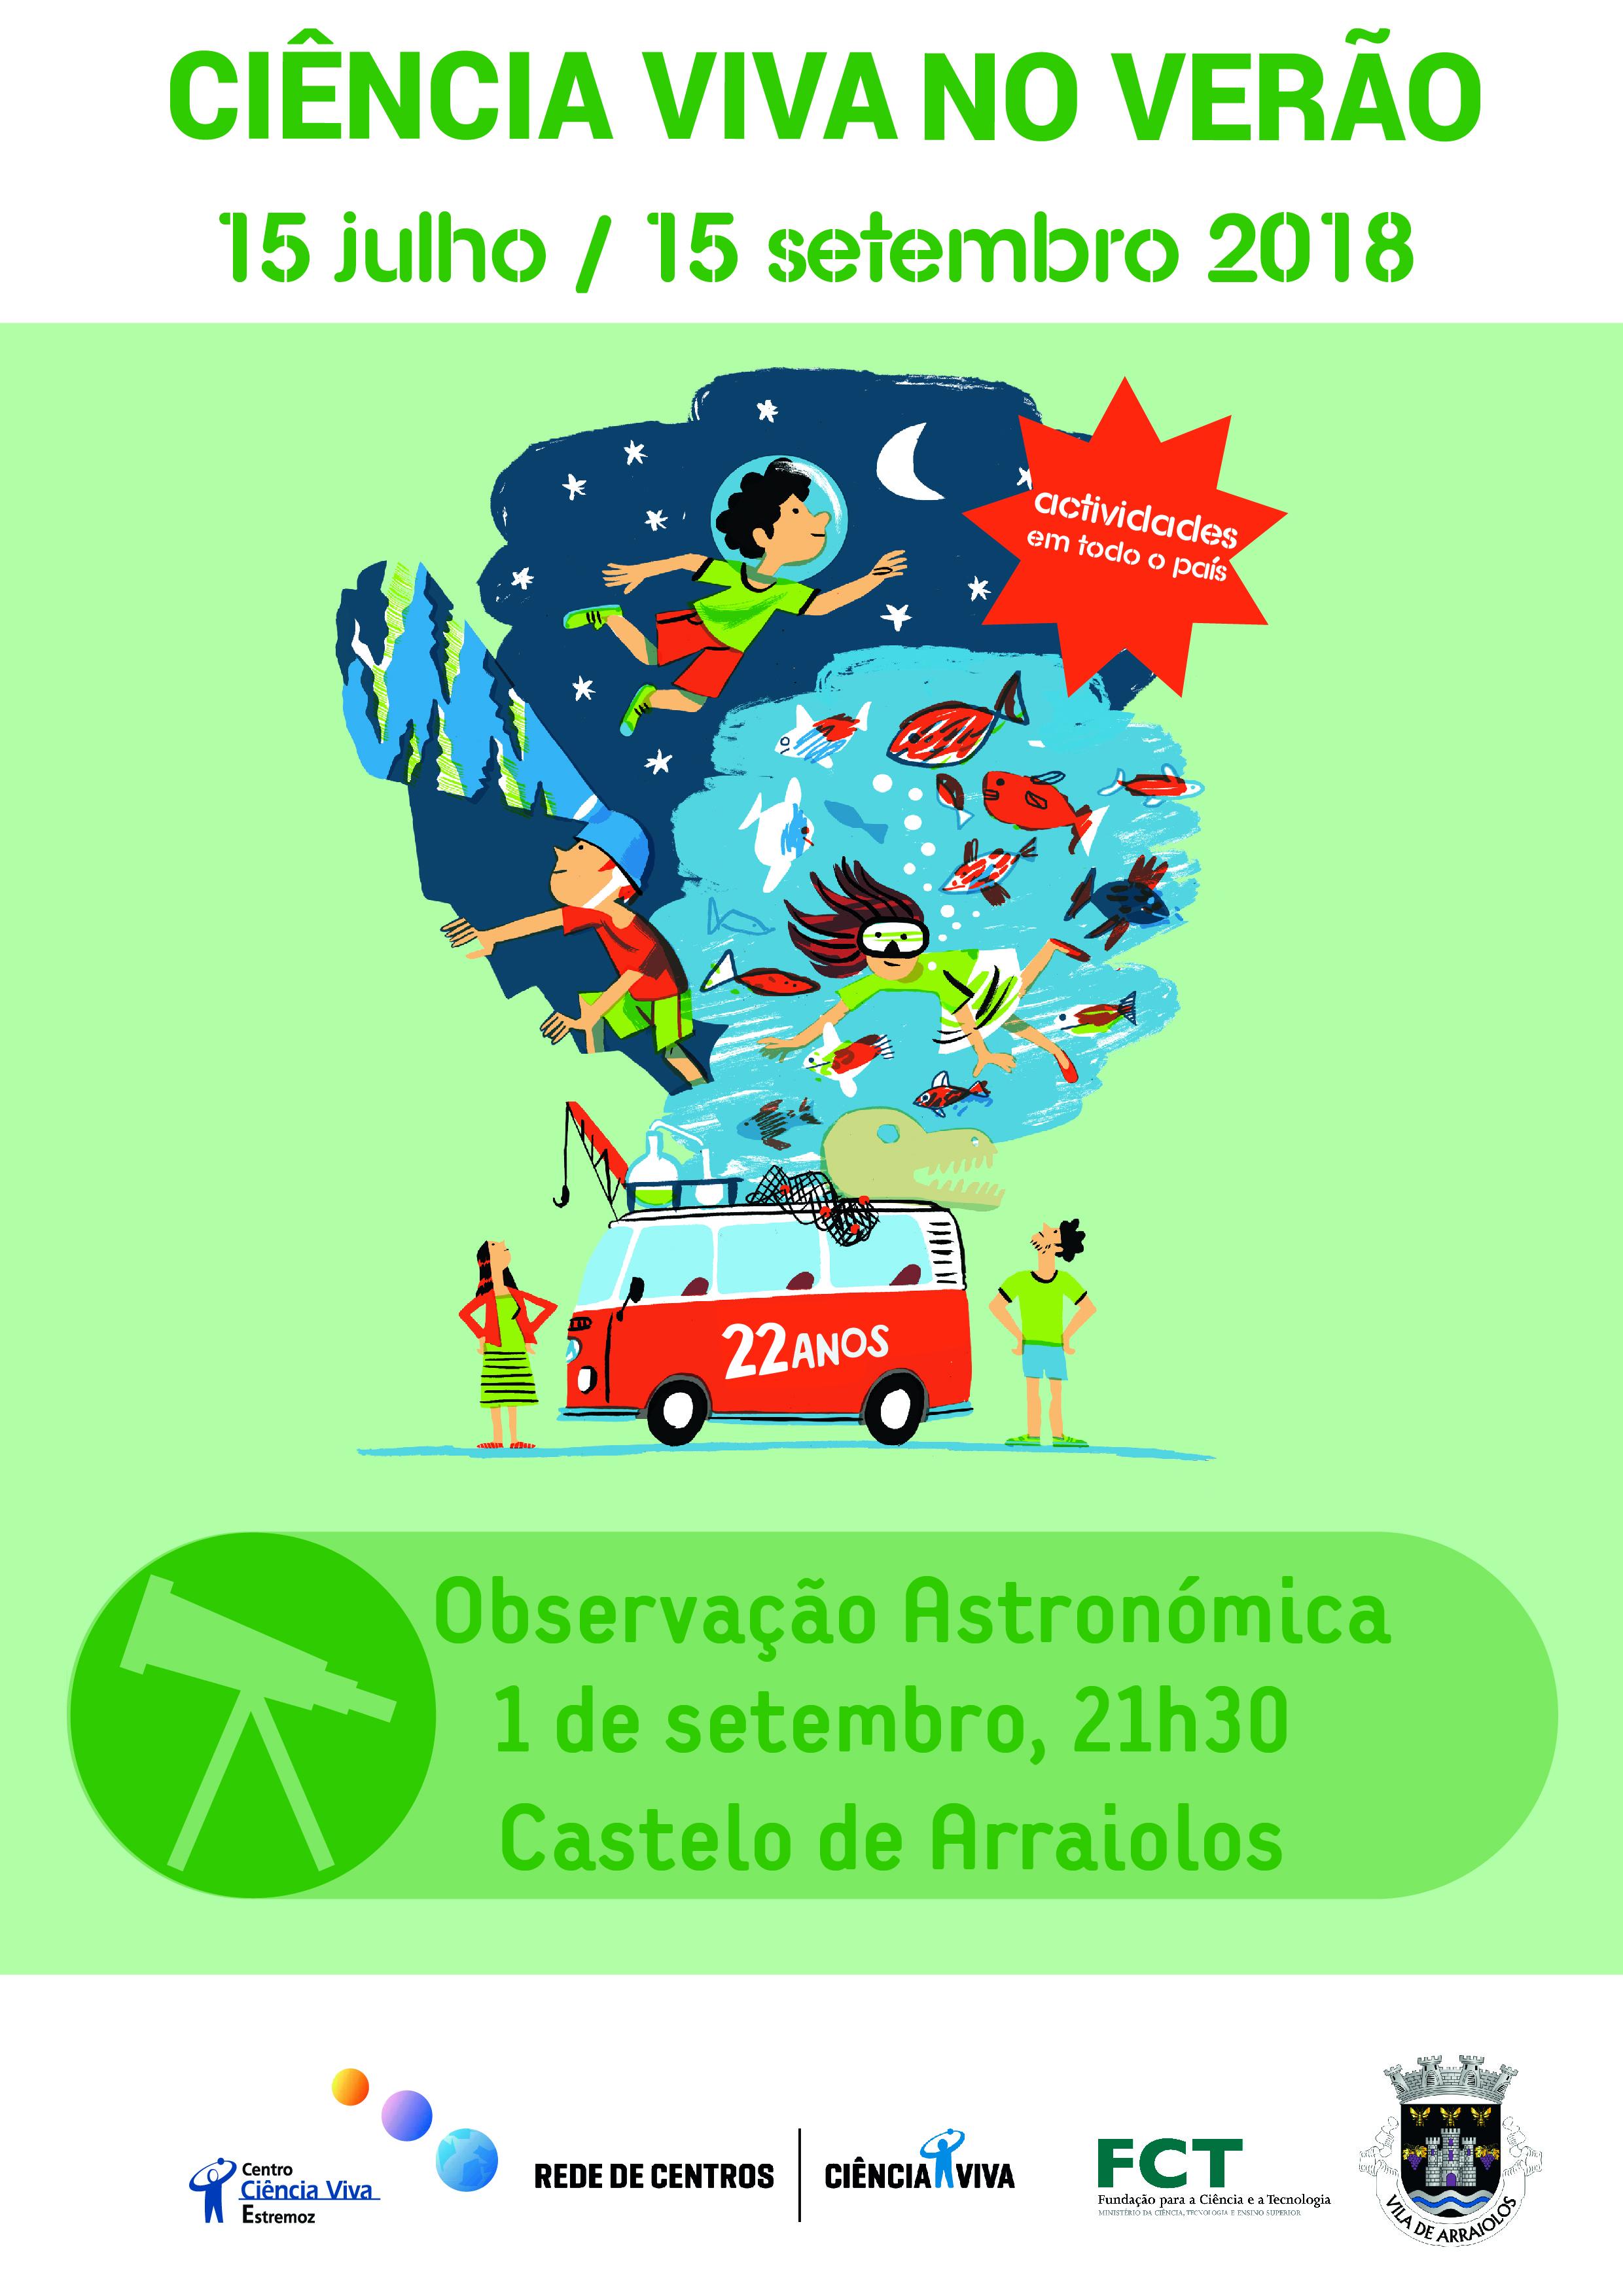 CVVeraoCMArraiolos-01.jpg